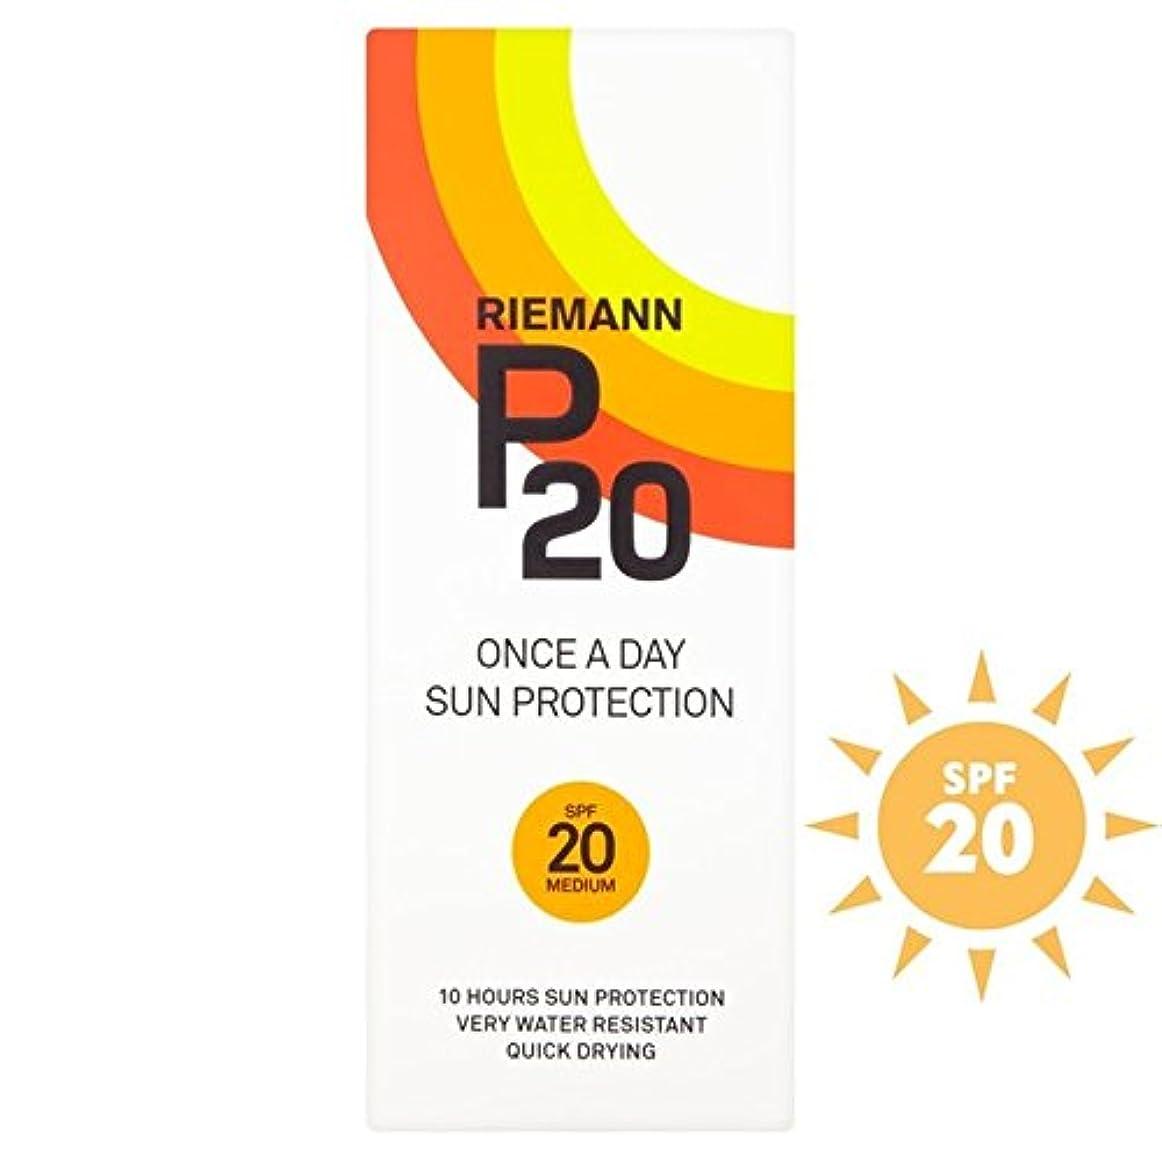 鎮痛剤アクセルふくろうRiemann P20 SPF20 1 Day/10 Hour Protection 200ml (Pack of 6) - リーマン20 20 1日/ 10時間の保護200ミリリットル x6 [並行輸入品]